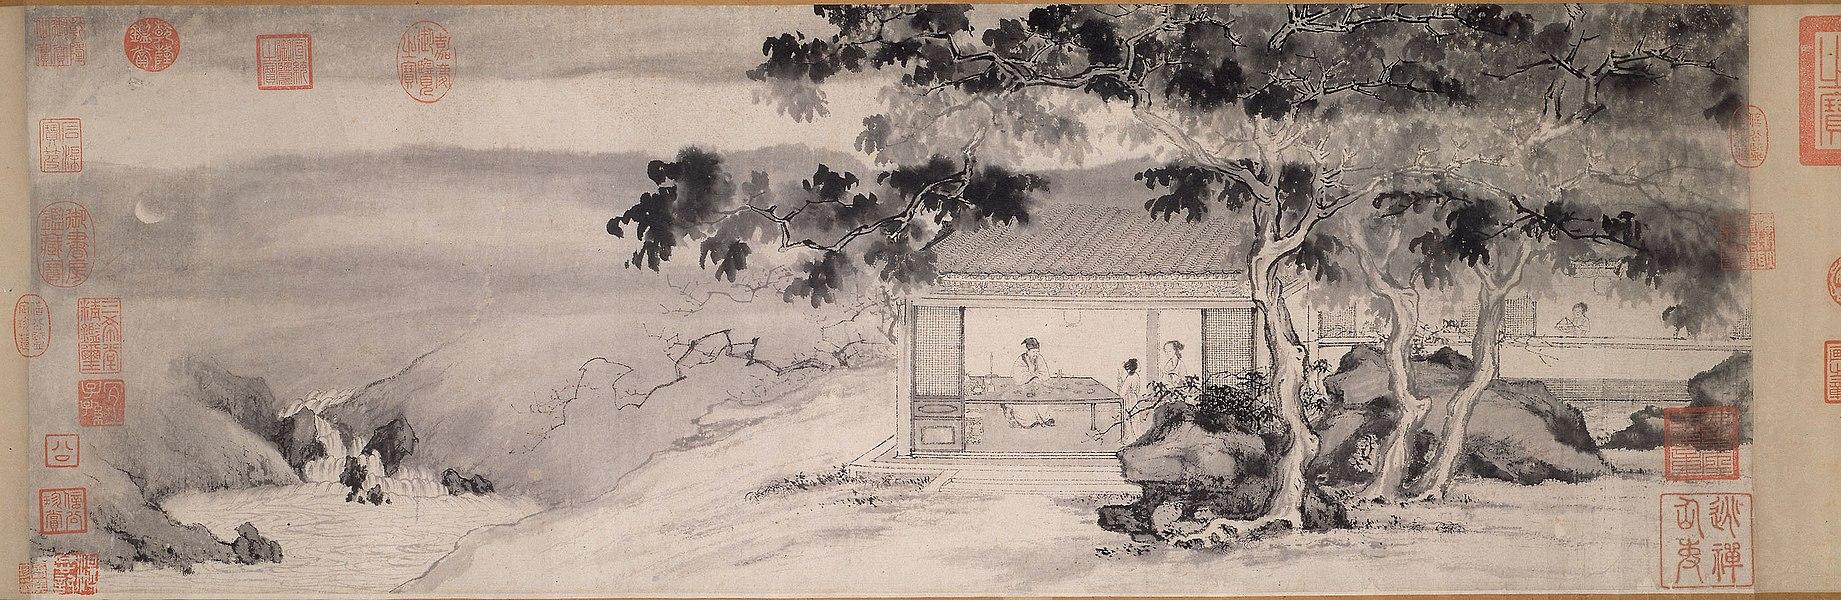 tang yin - image 5